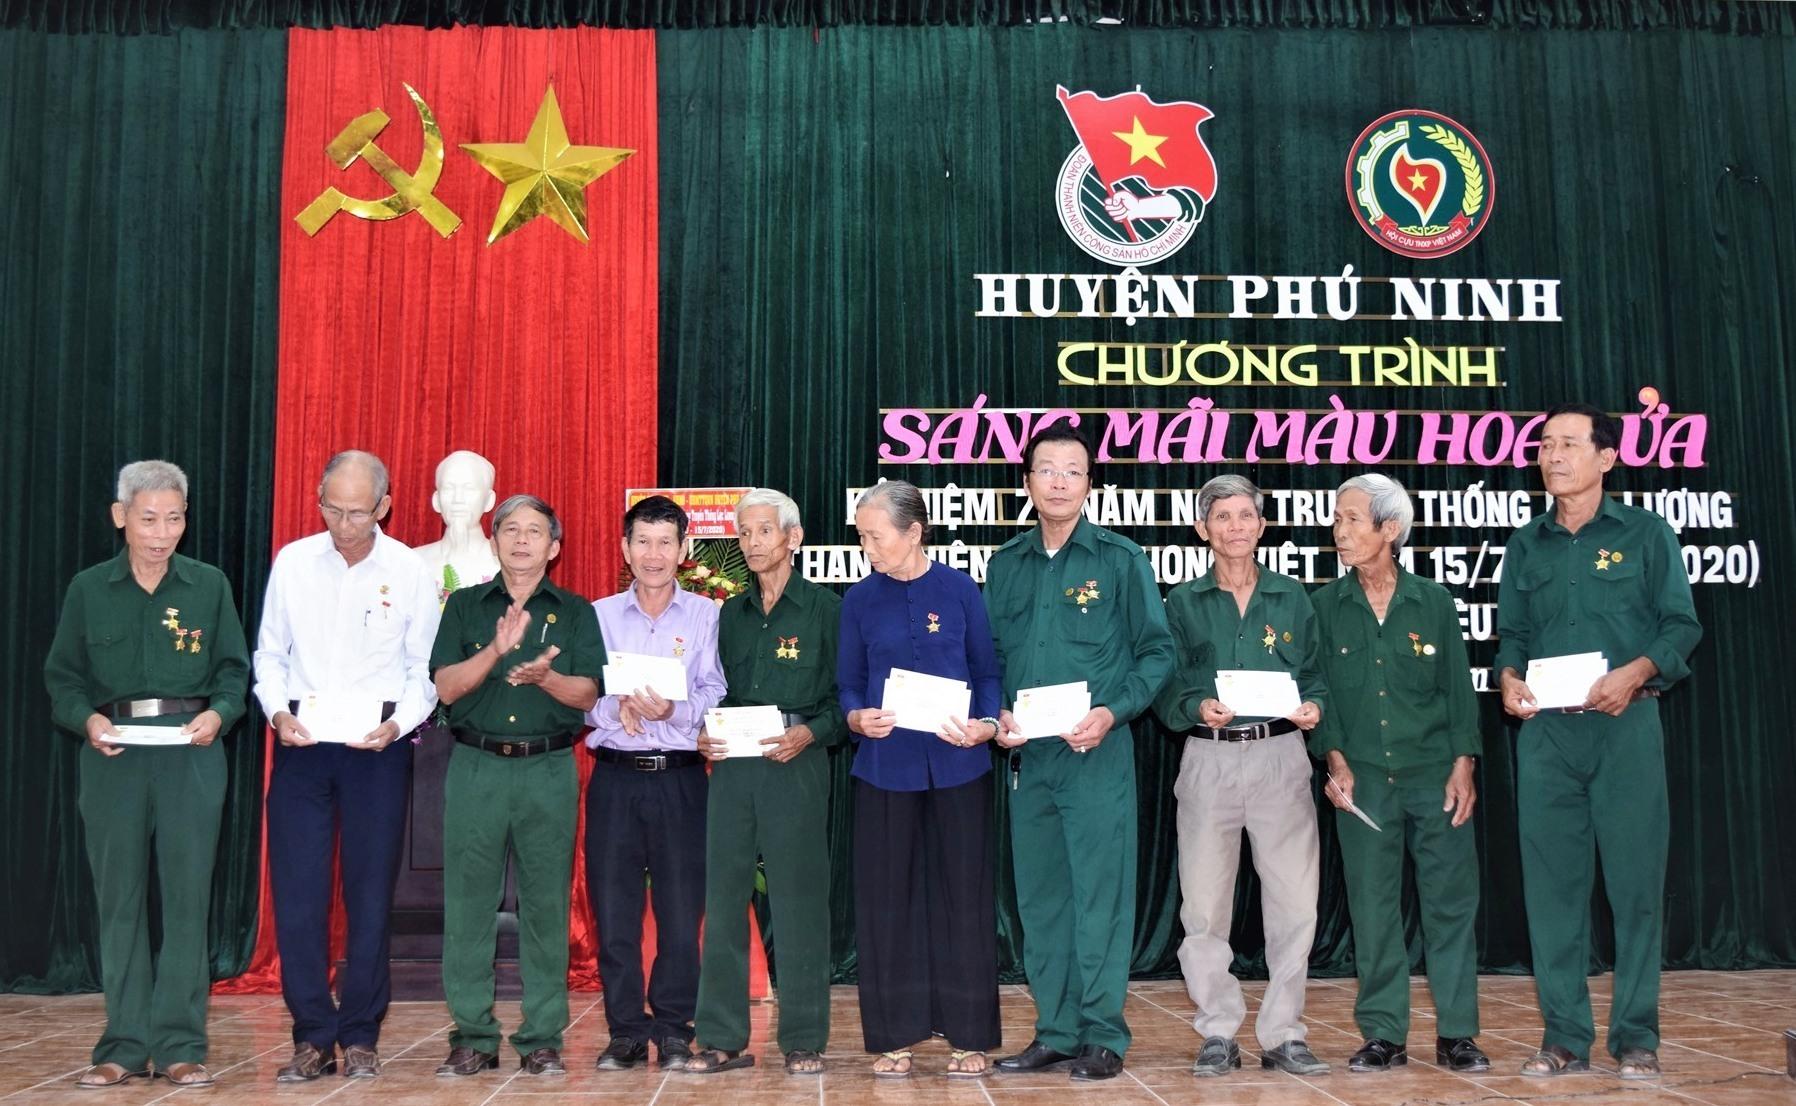 rung ương Hội Cựu TNXP Việt Nam tuyên dương 10 gương cựu TNXP tiêu biểu giai đoạn 2015 - 2020. Ảnh: L.C